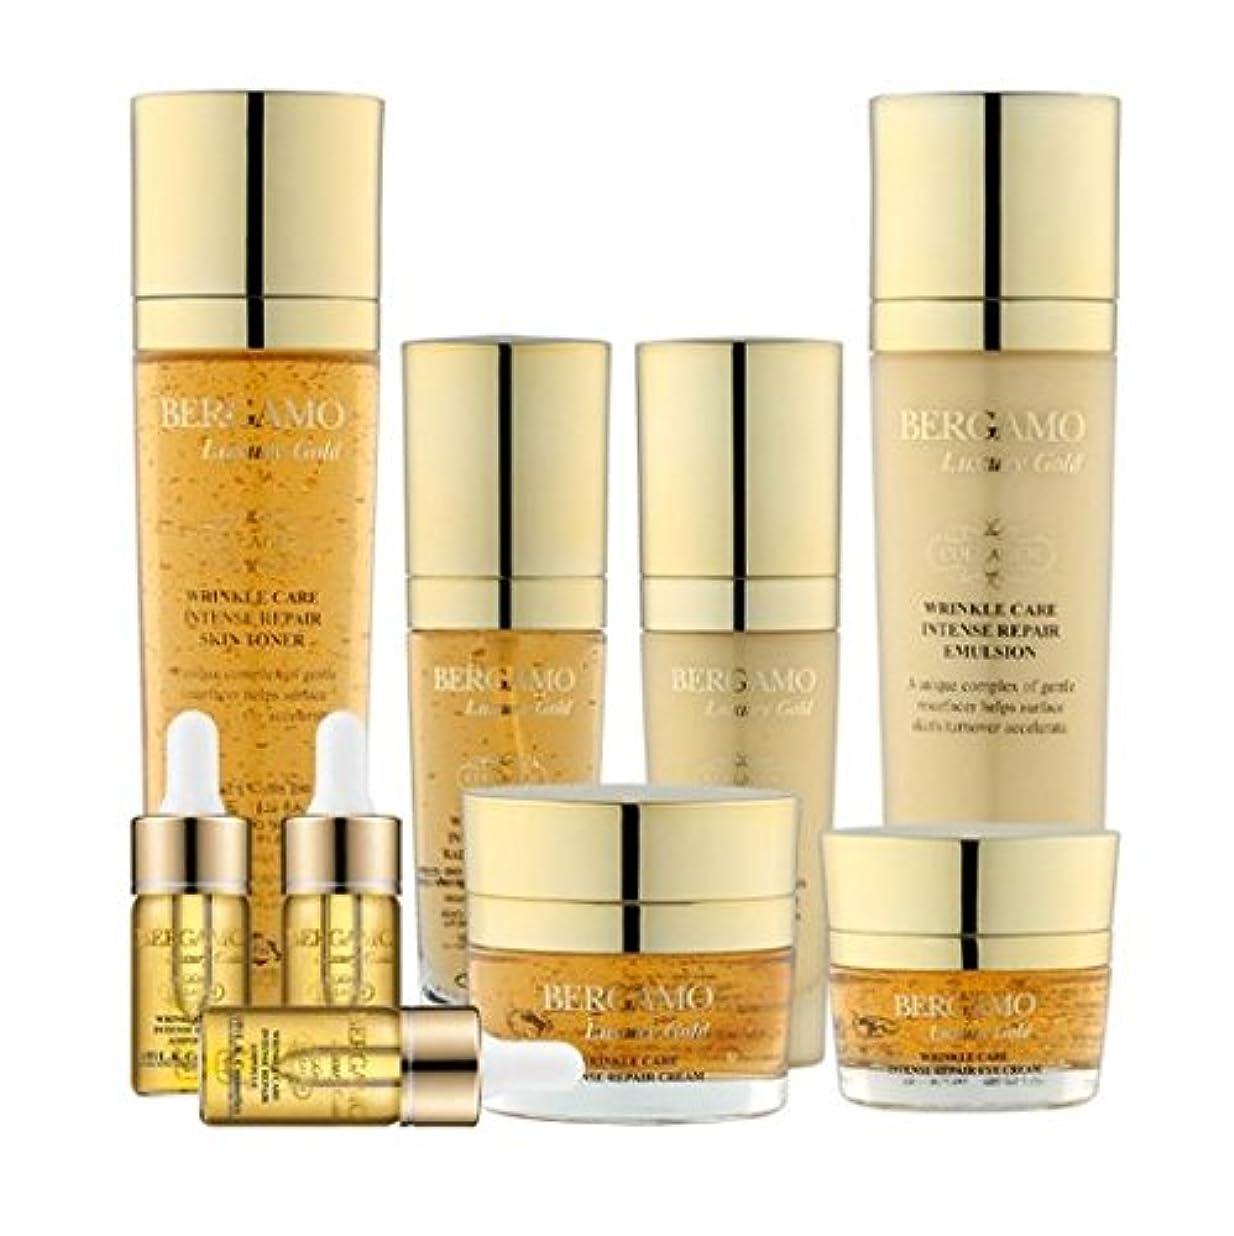 がっかりした湿原起こるベルガモ[韓国コスメBergamo]Luxury Gold Collagen Set ラグジュアリーゴールドコラーゲン9セット,ギフトセット,トナー,エマルジョン,エッセンス、アイクリーム、クリーム、アンプル [並行輸入品]